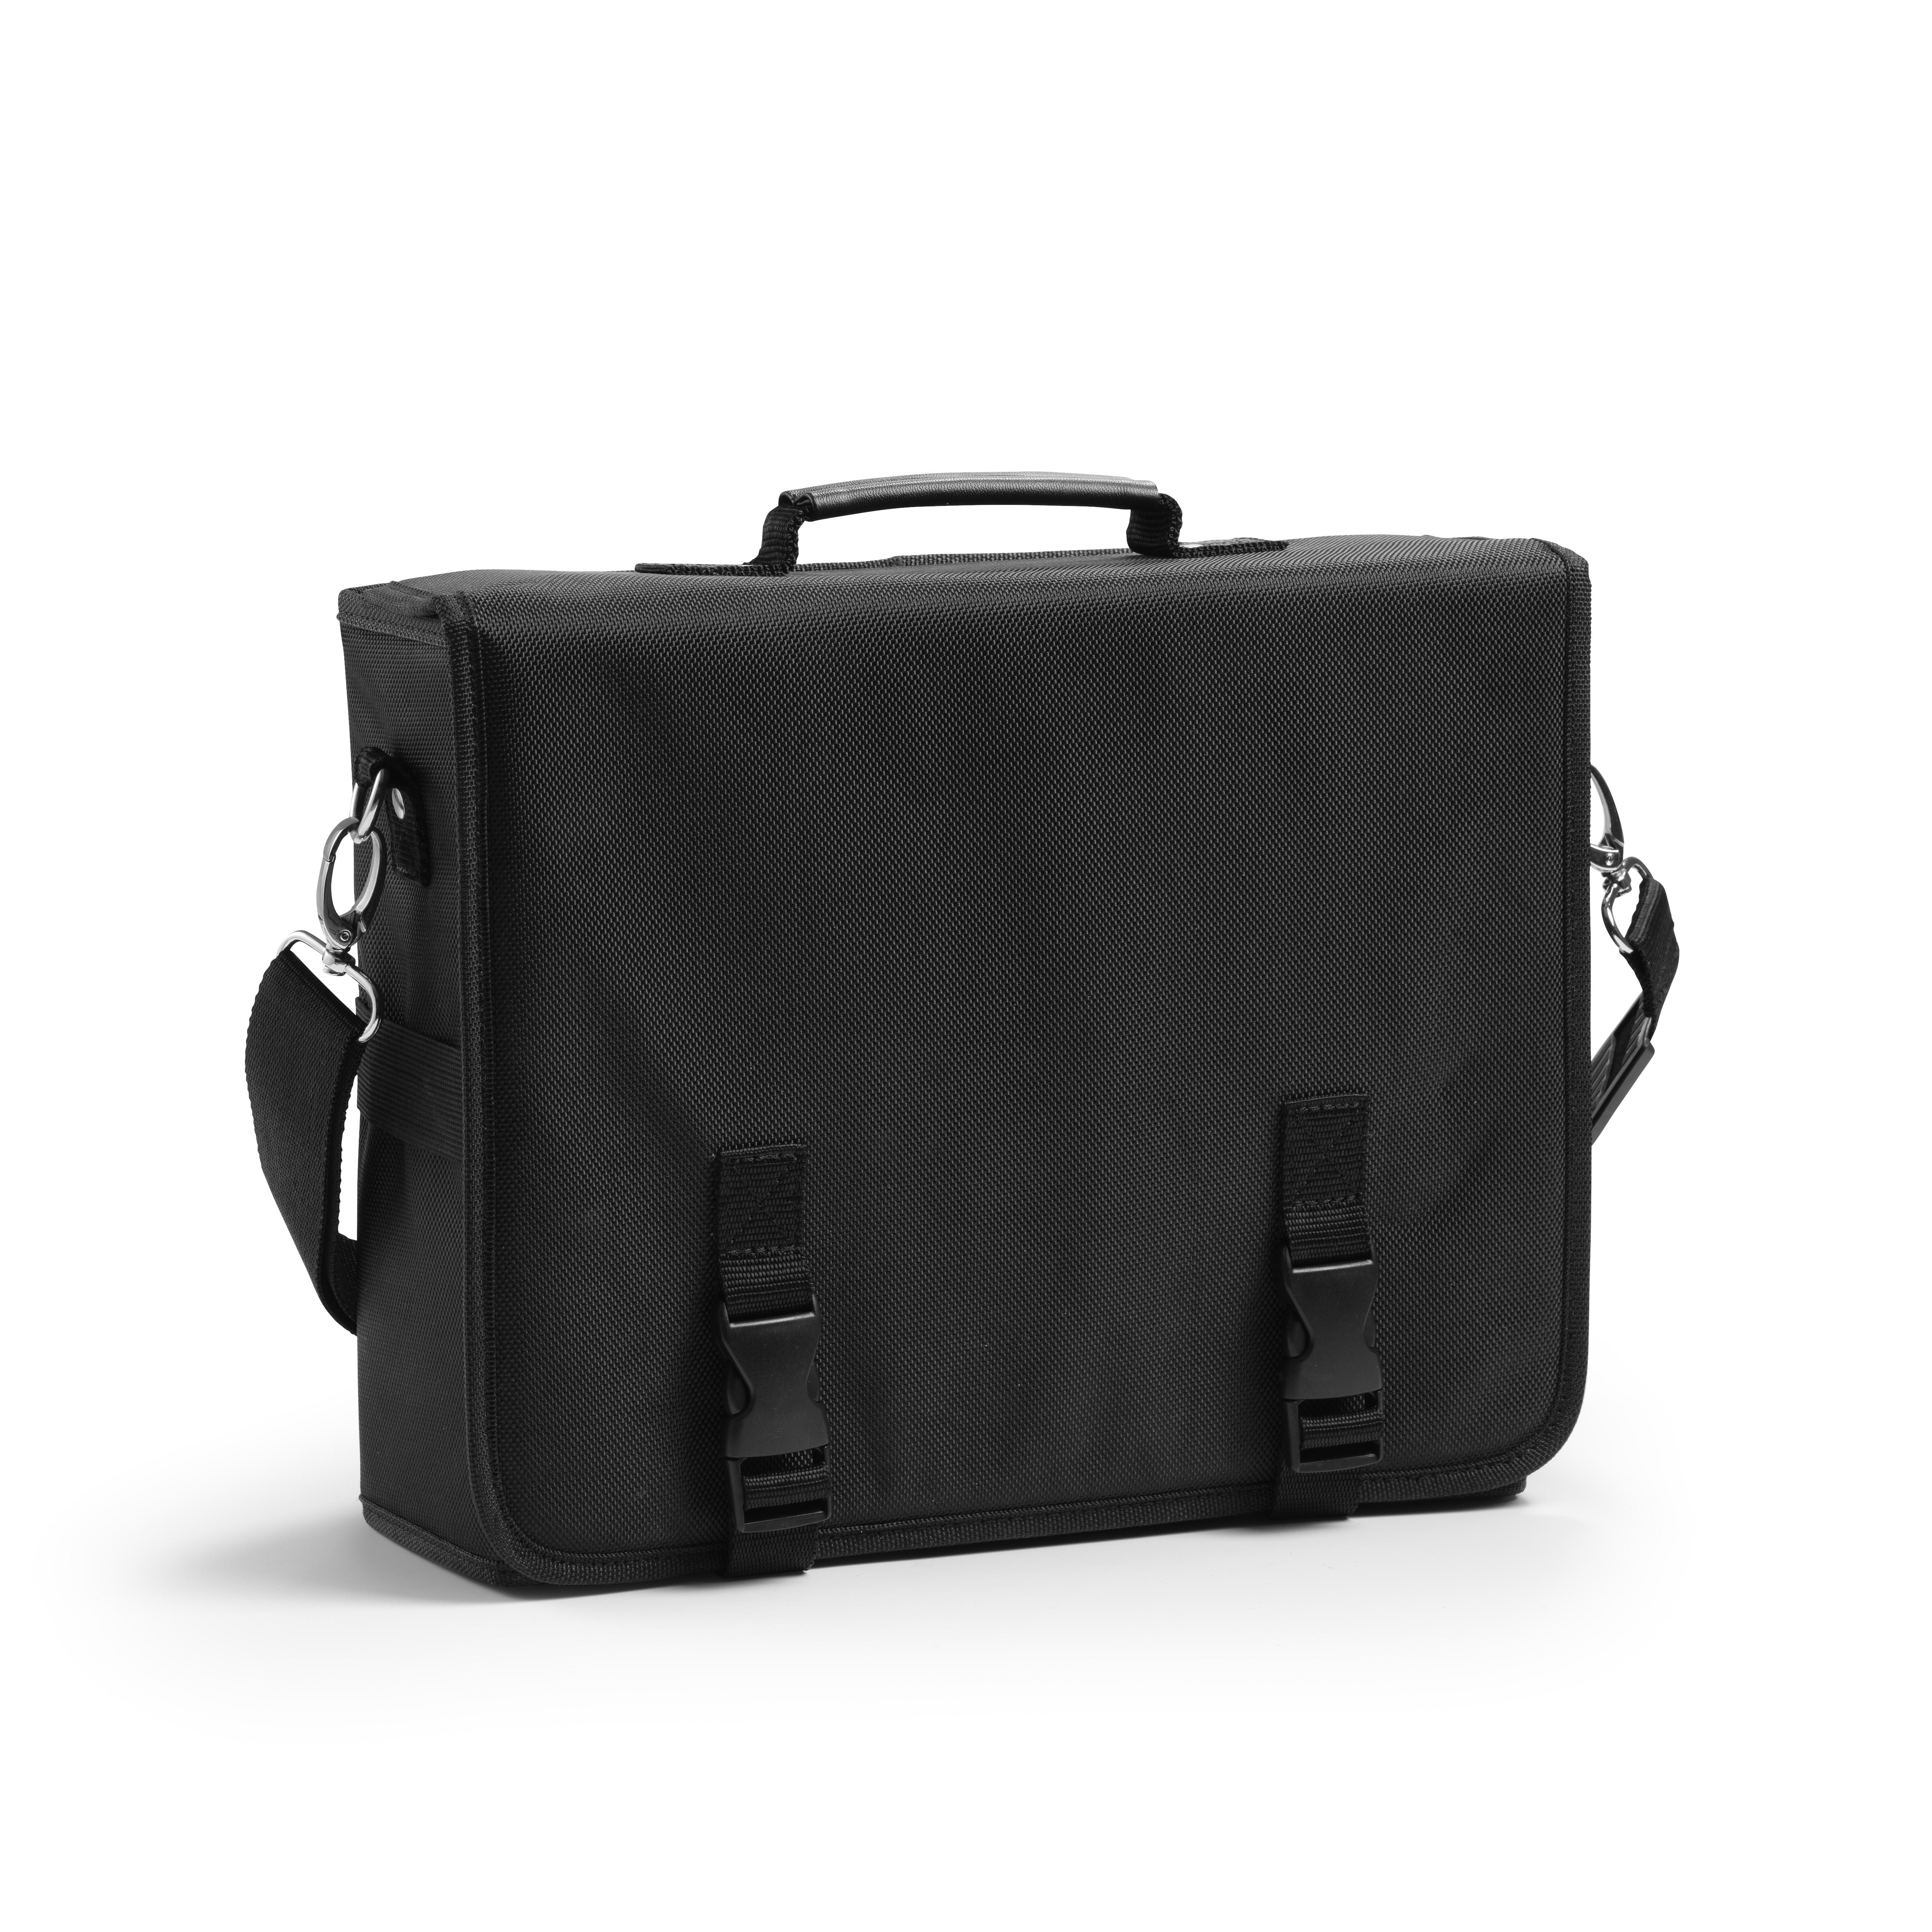 Schoolbag, artist 9108 - kadeřnická aktovka na kadeřnické pomůcky.